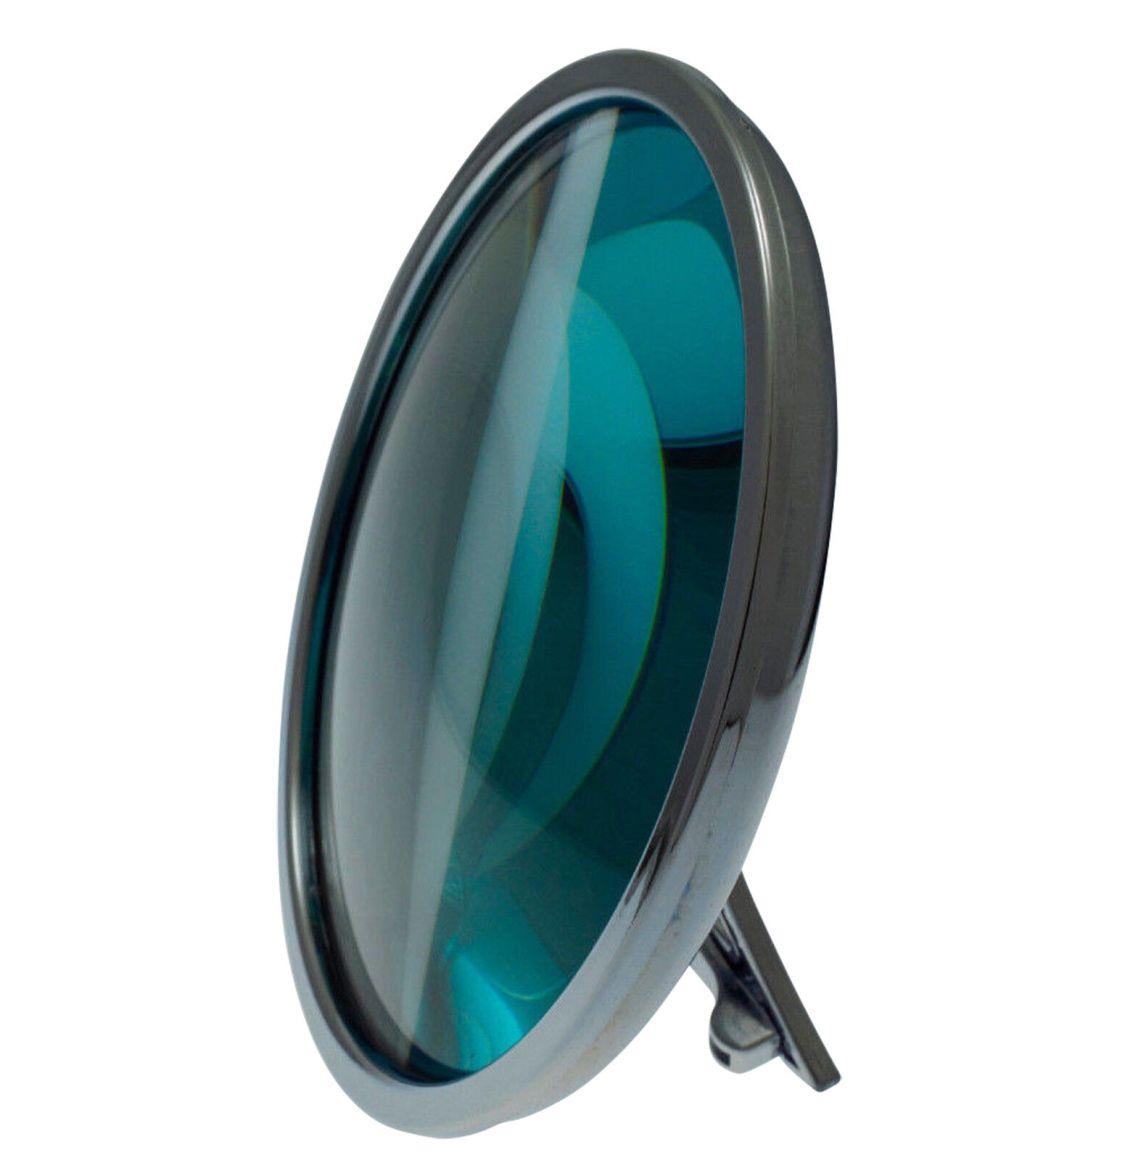 NEU statt Schminkbrille Dioptrienspiegel Schminkspiegel bis +3,75 Dioptrien